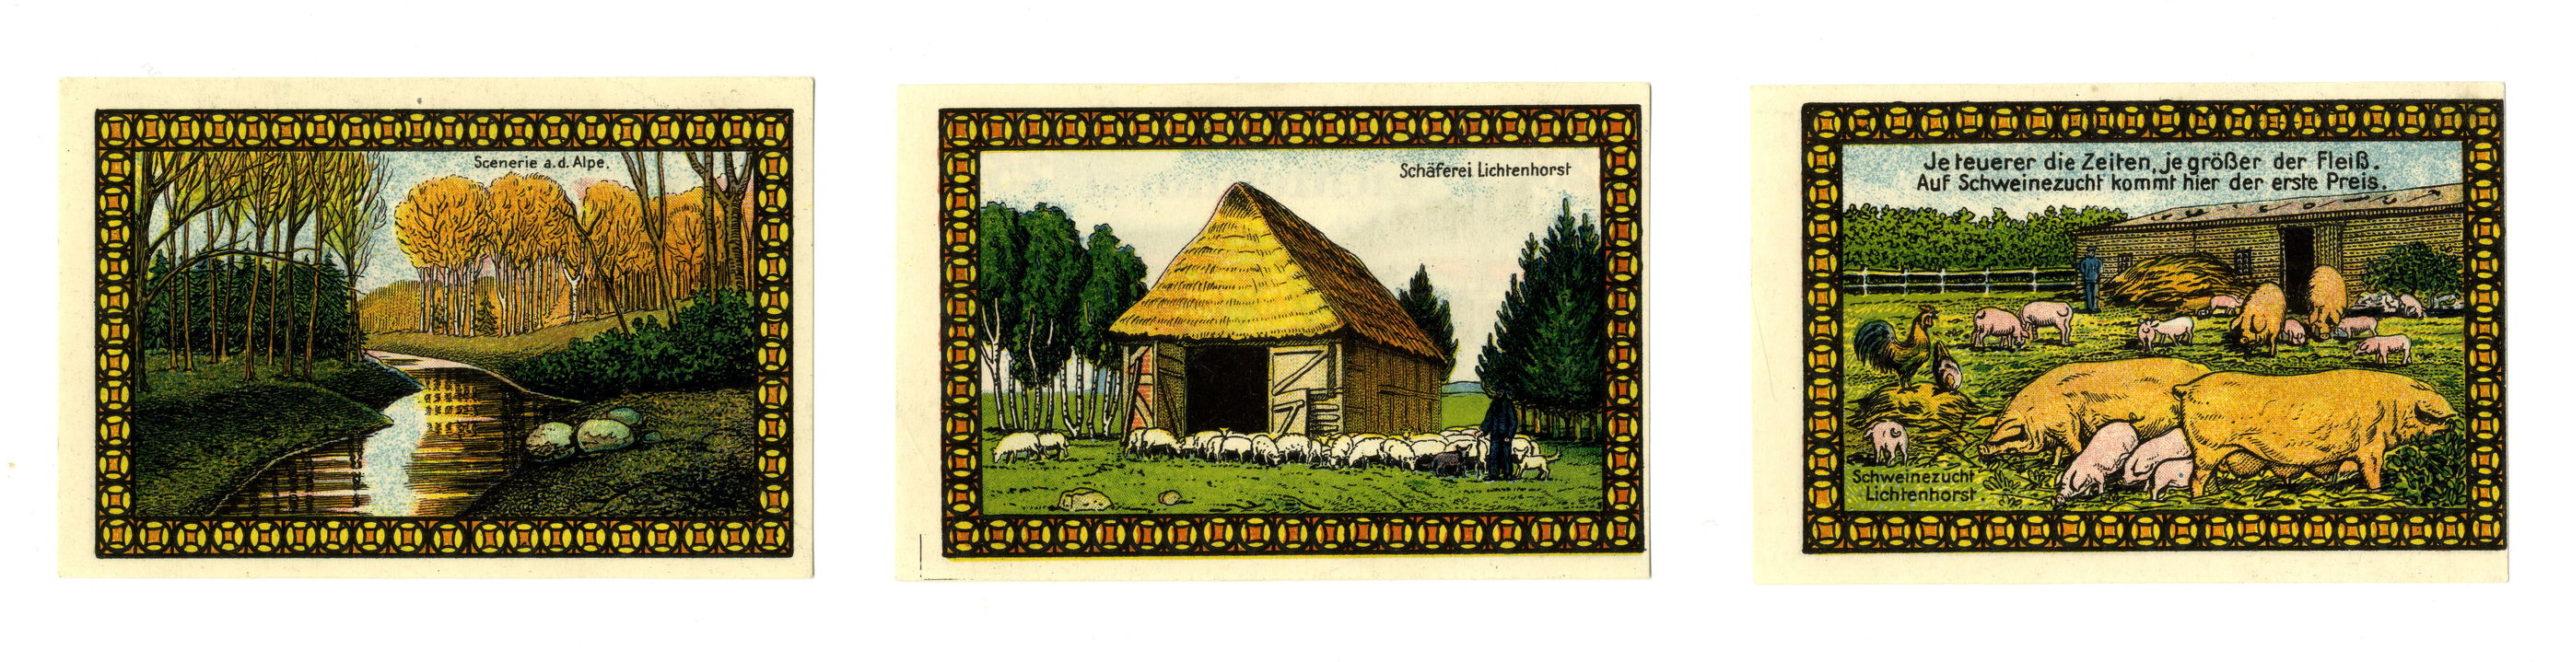 Оборотные стороны трех экземпляров нотгельдов лагеря Лихтенхорст номиналом в 25 пфеннингов